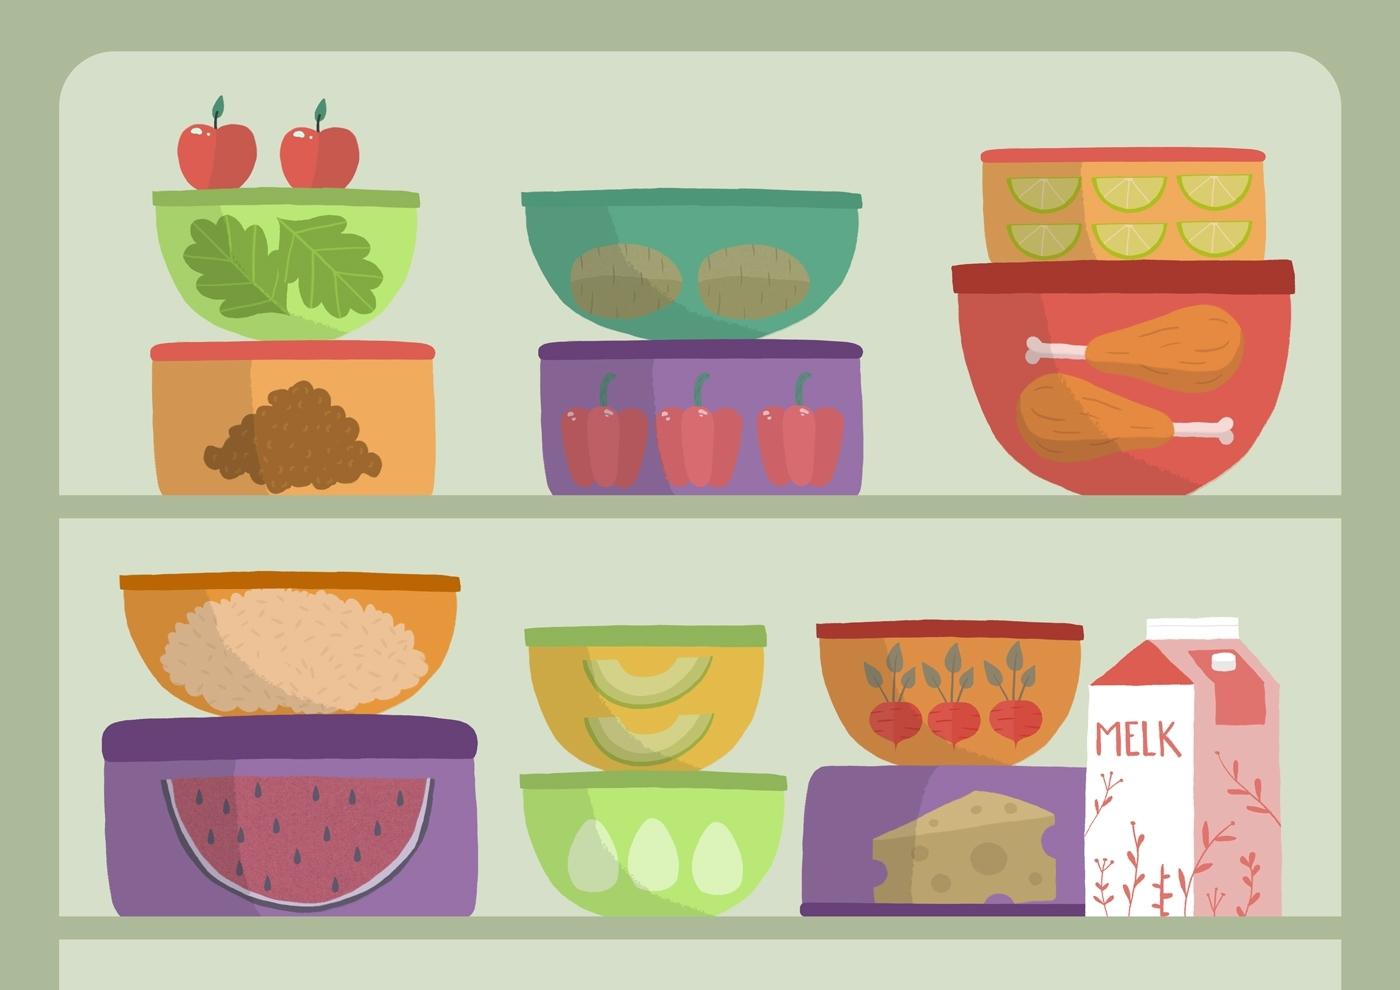 2d animasjon av matresten som epler paprika kylling og melk i kjoeleskapet for matprat sin forklaringsfilm om matsvinn